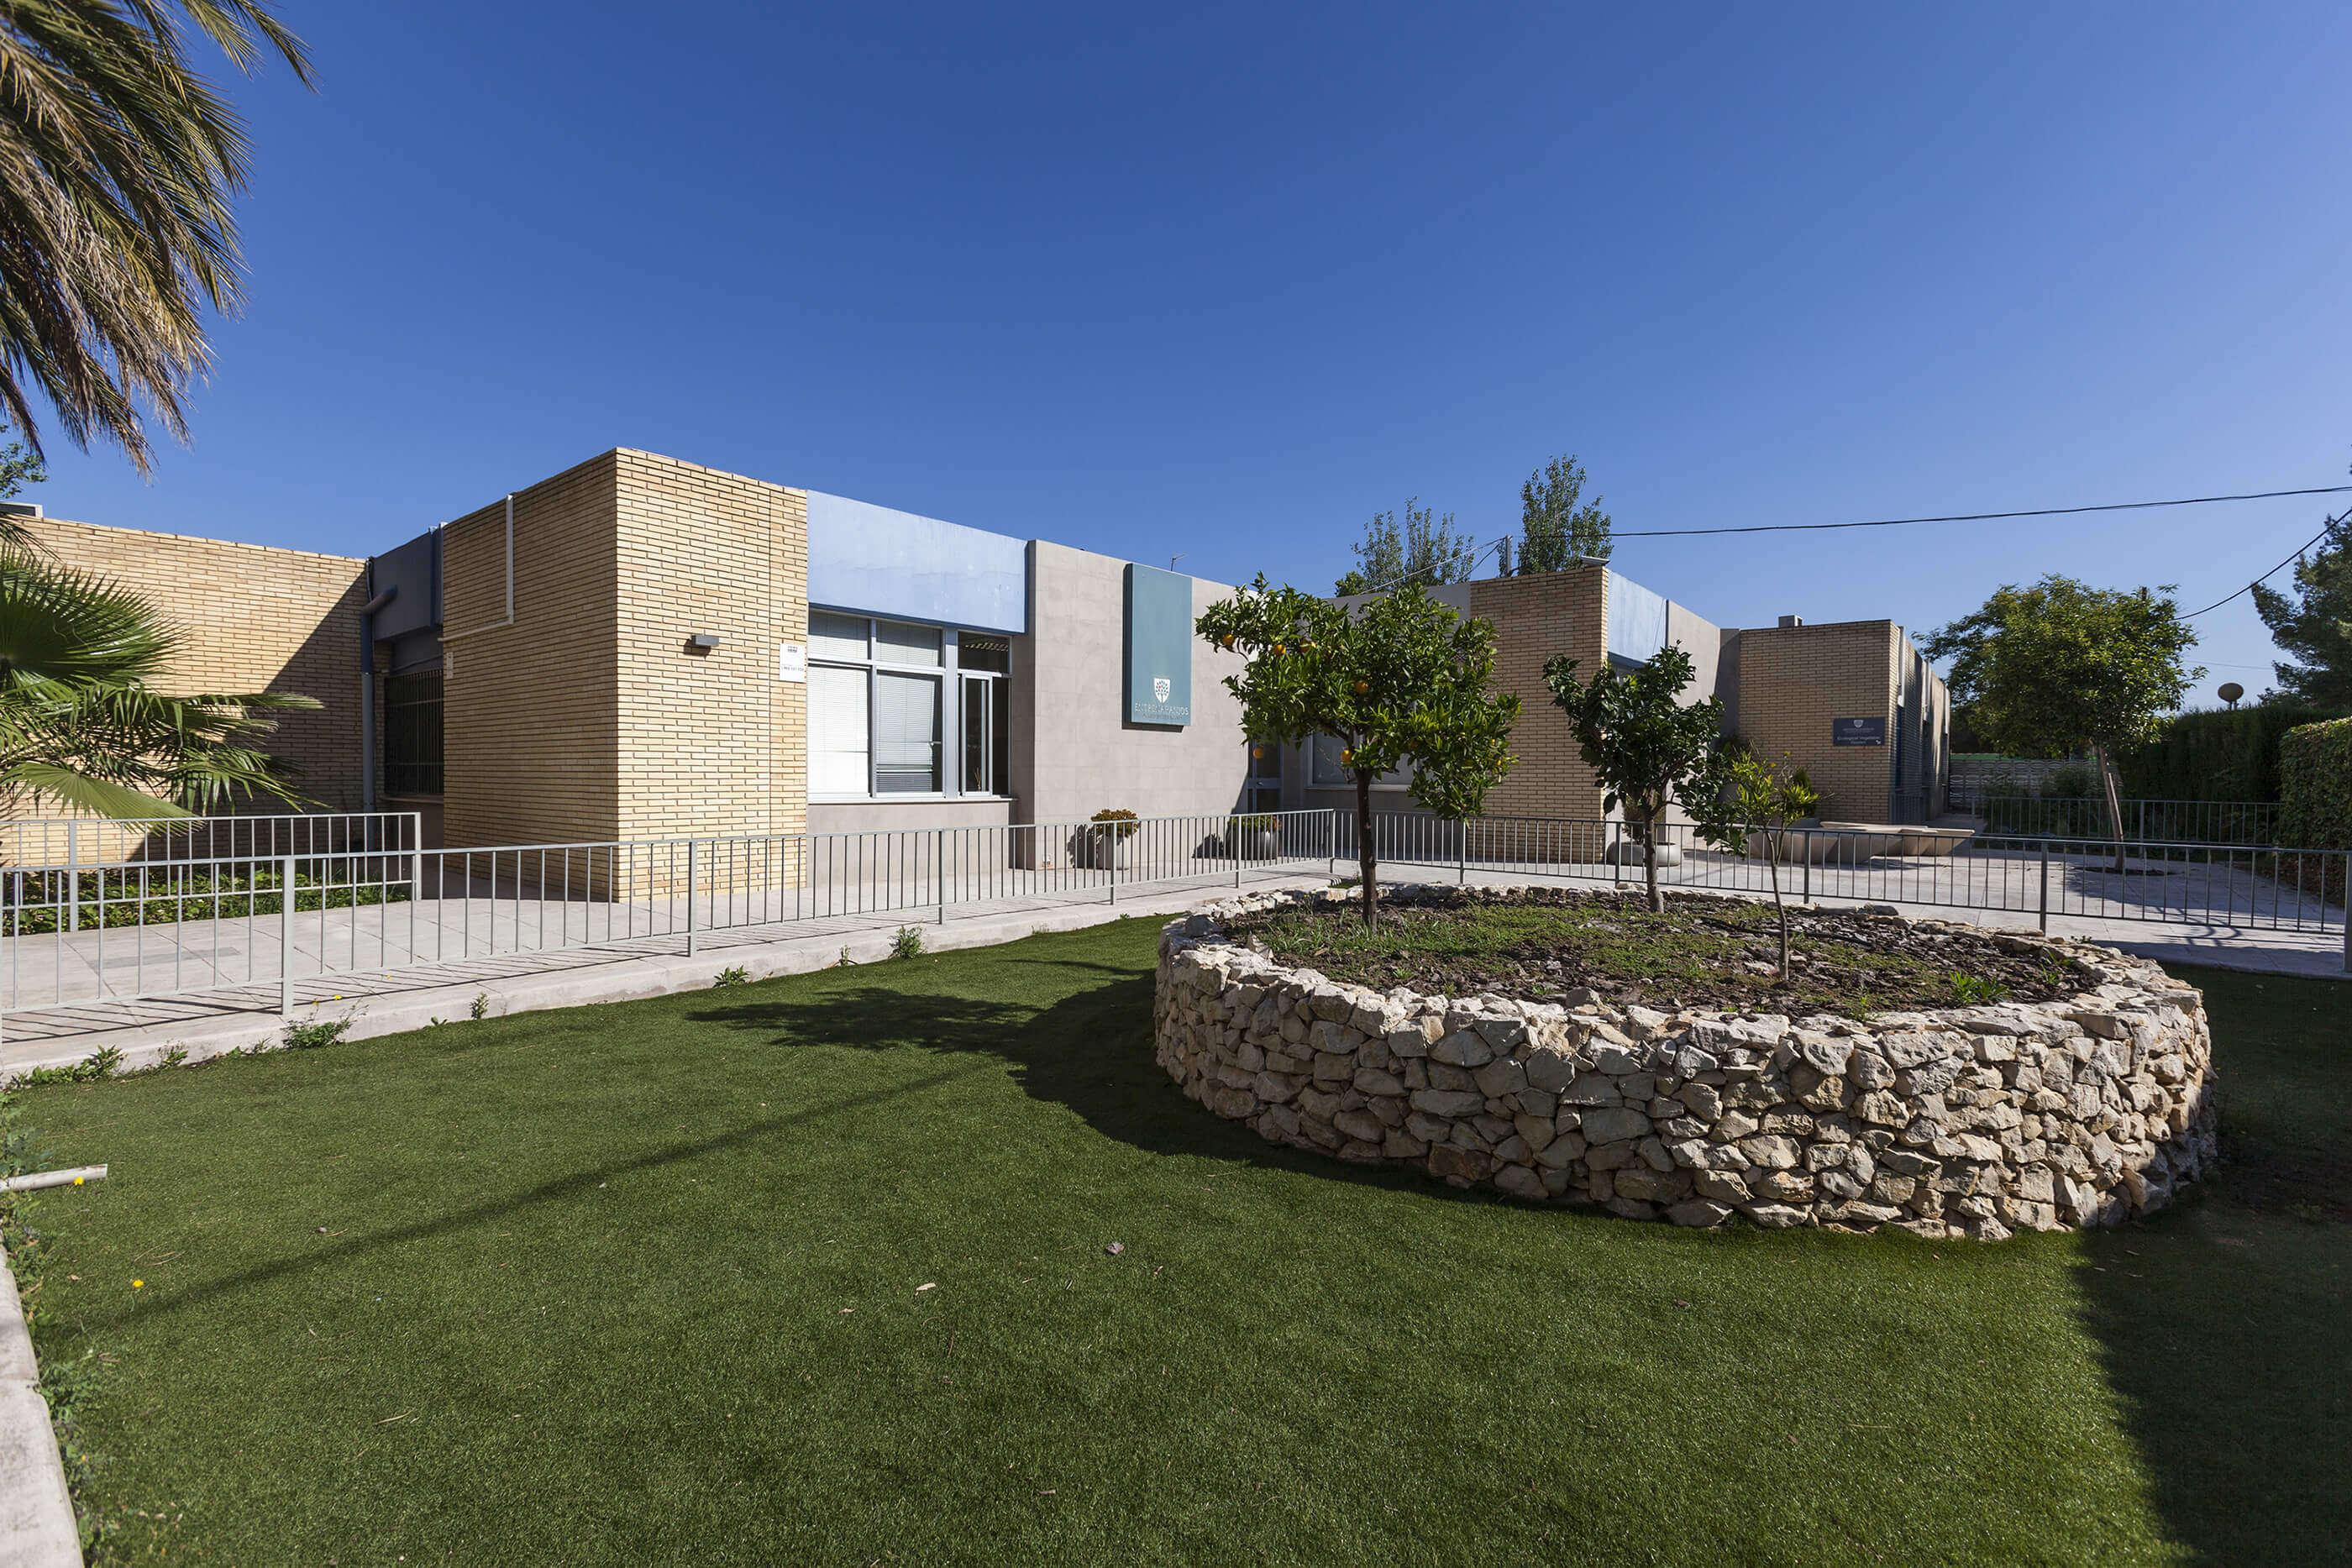 3 exteriores del colegio entrenaranjos international school